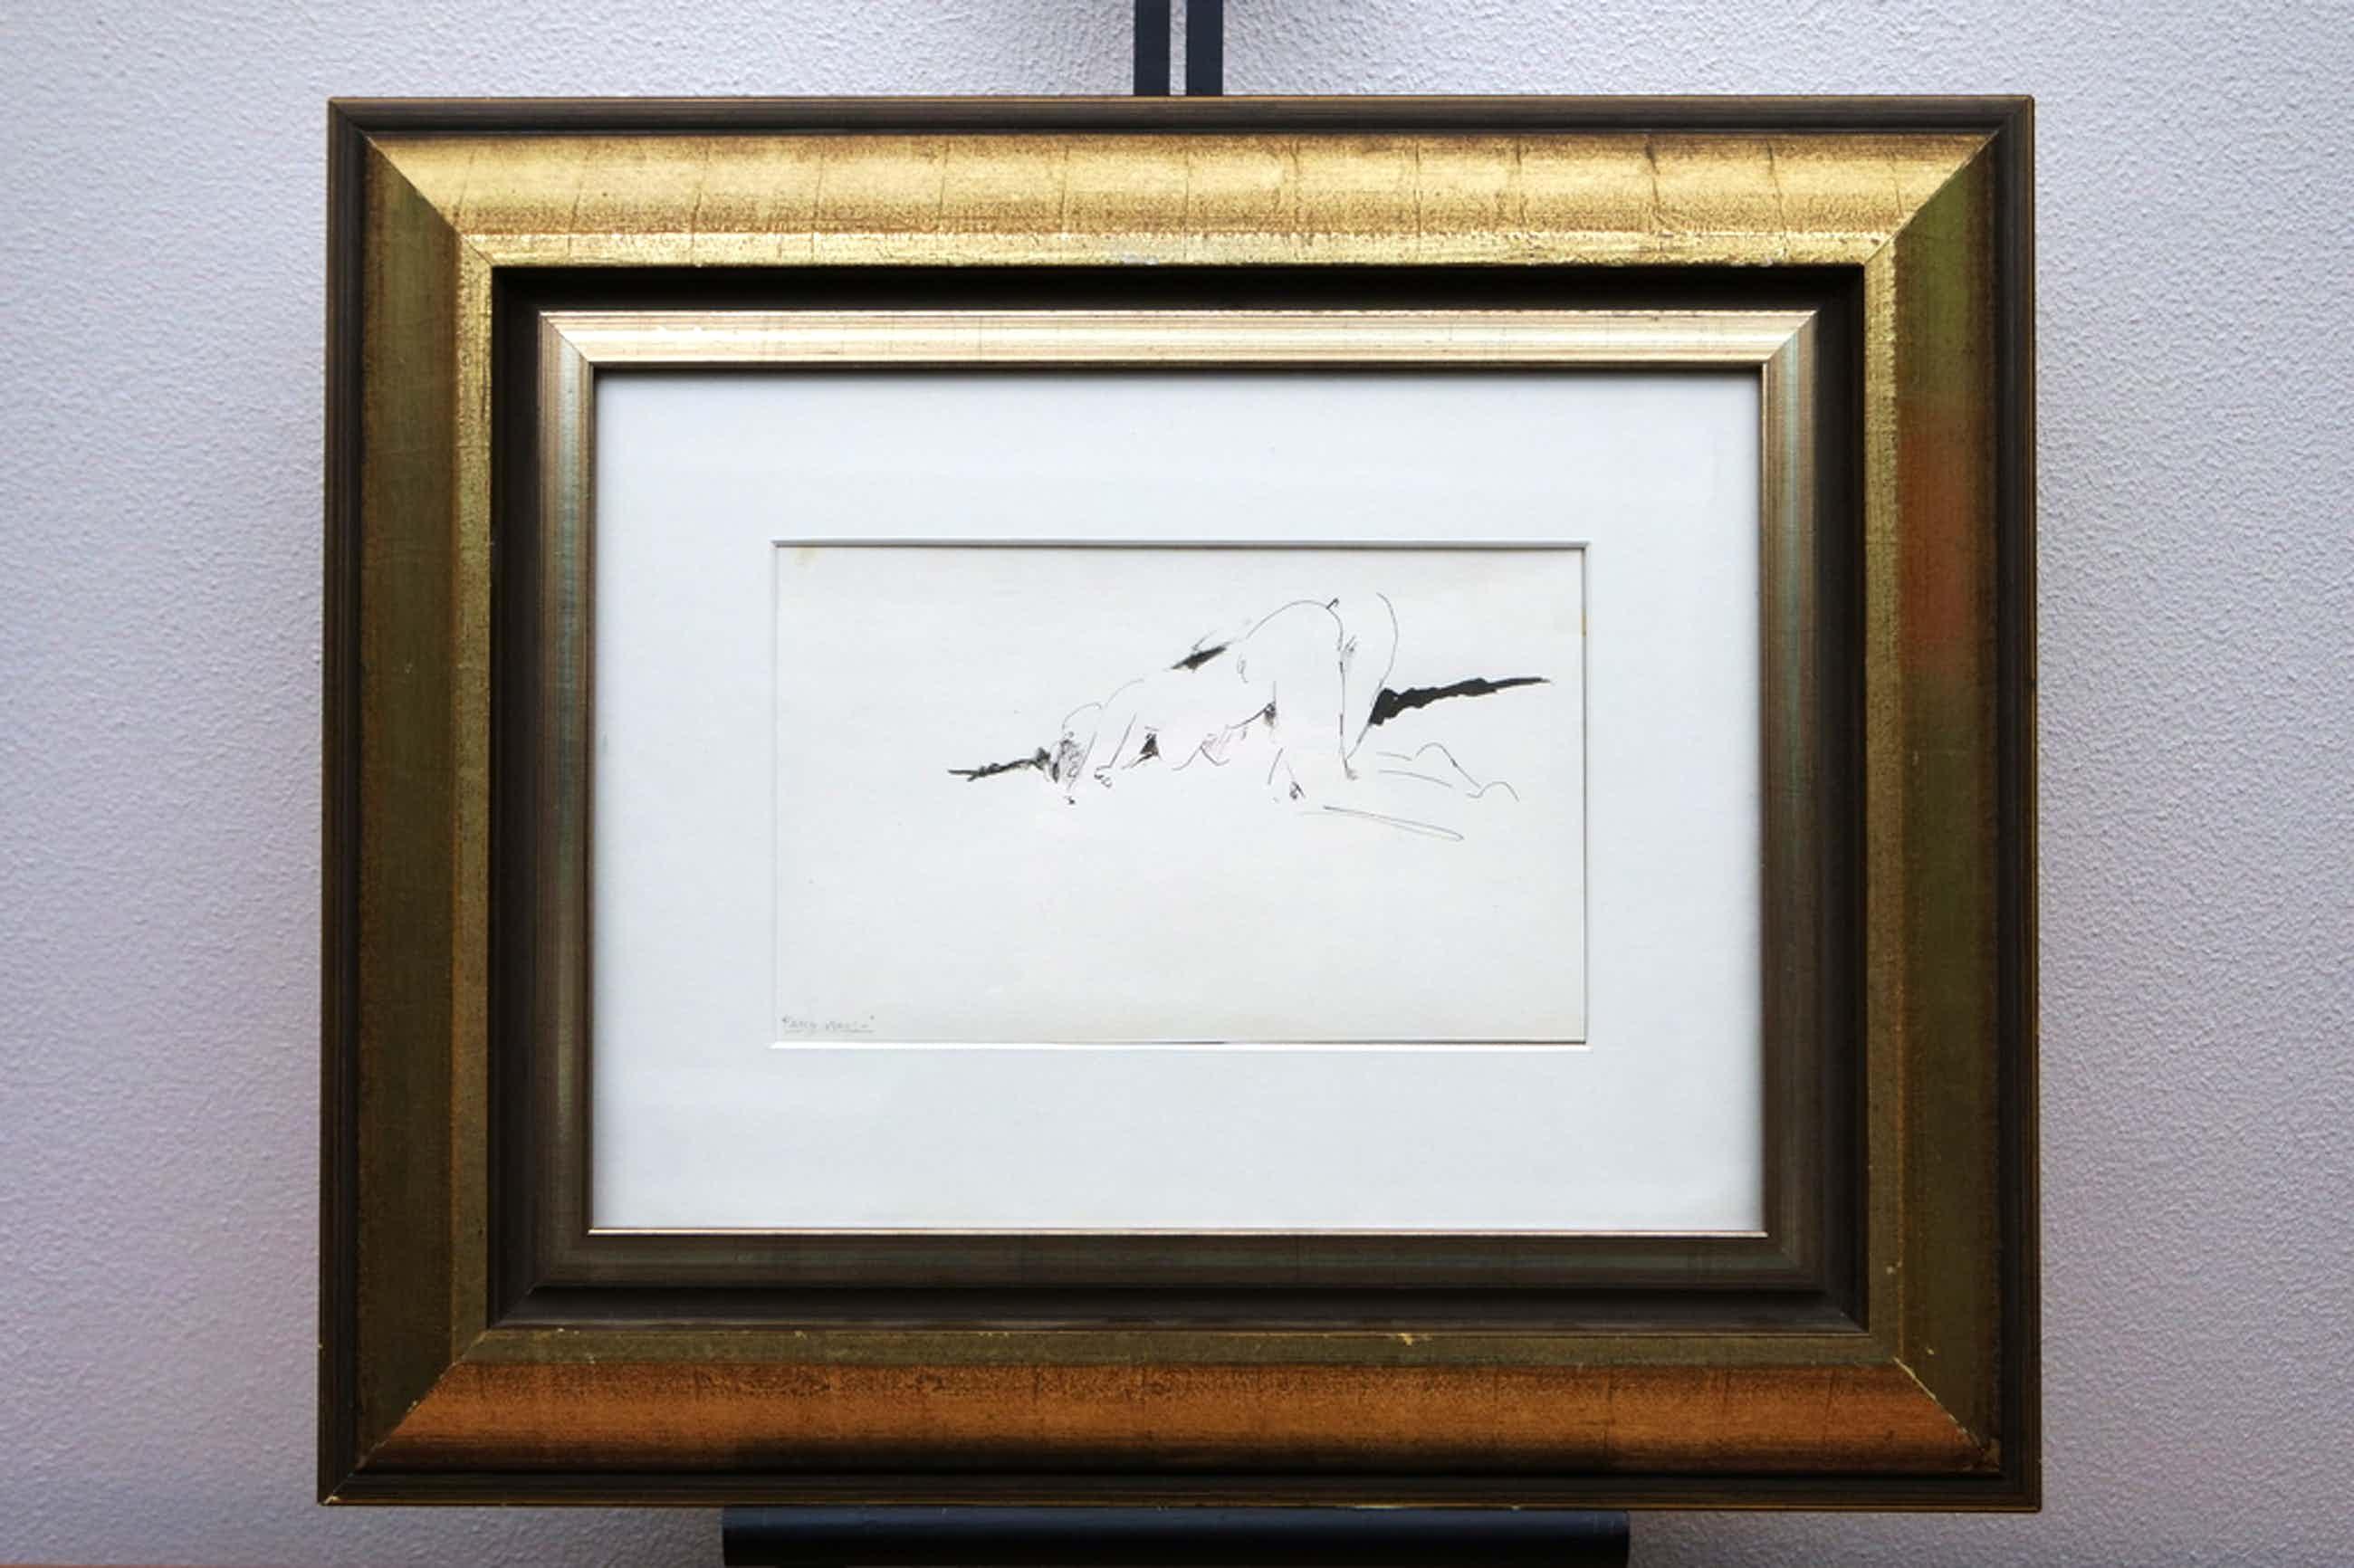 Harry Maas (1906-1982) - inkt tekening - figuurstudie kopen? Bied vanaf 99!